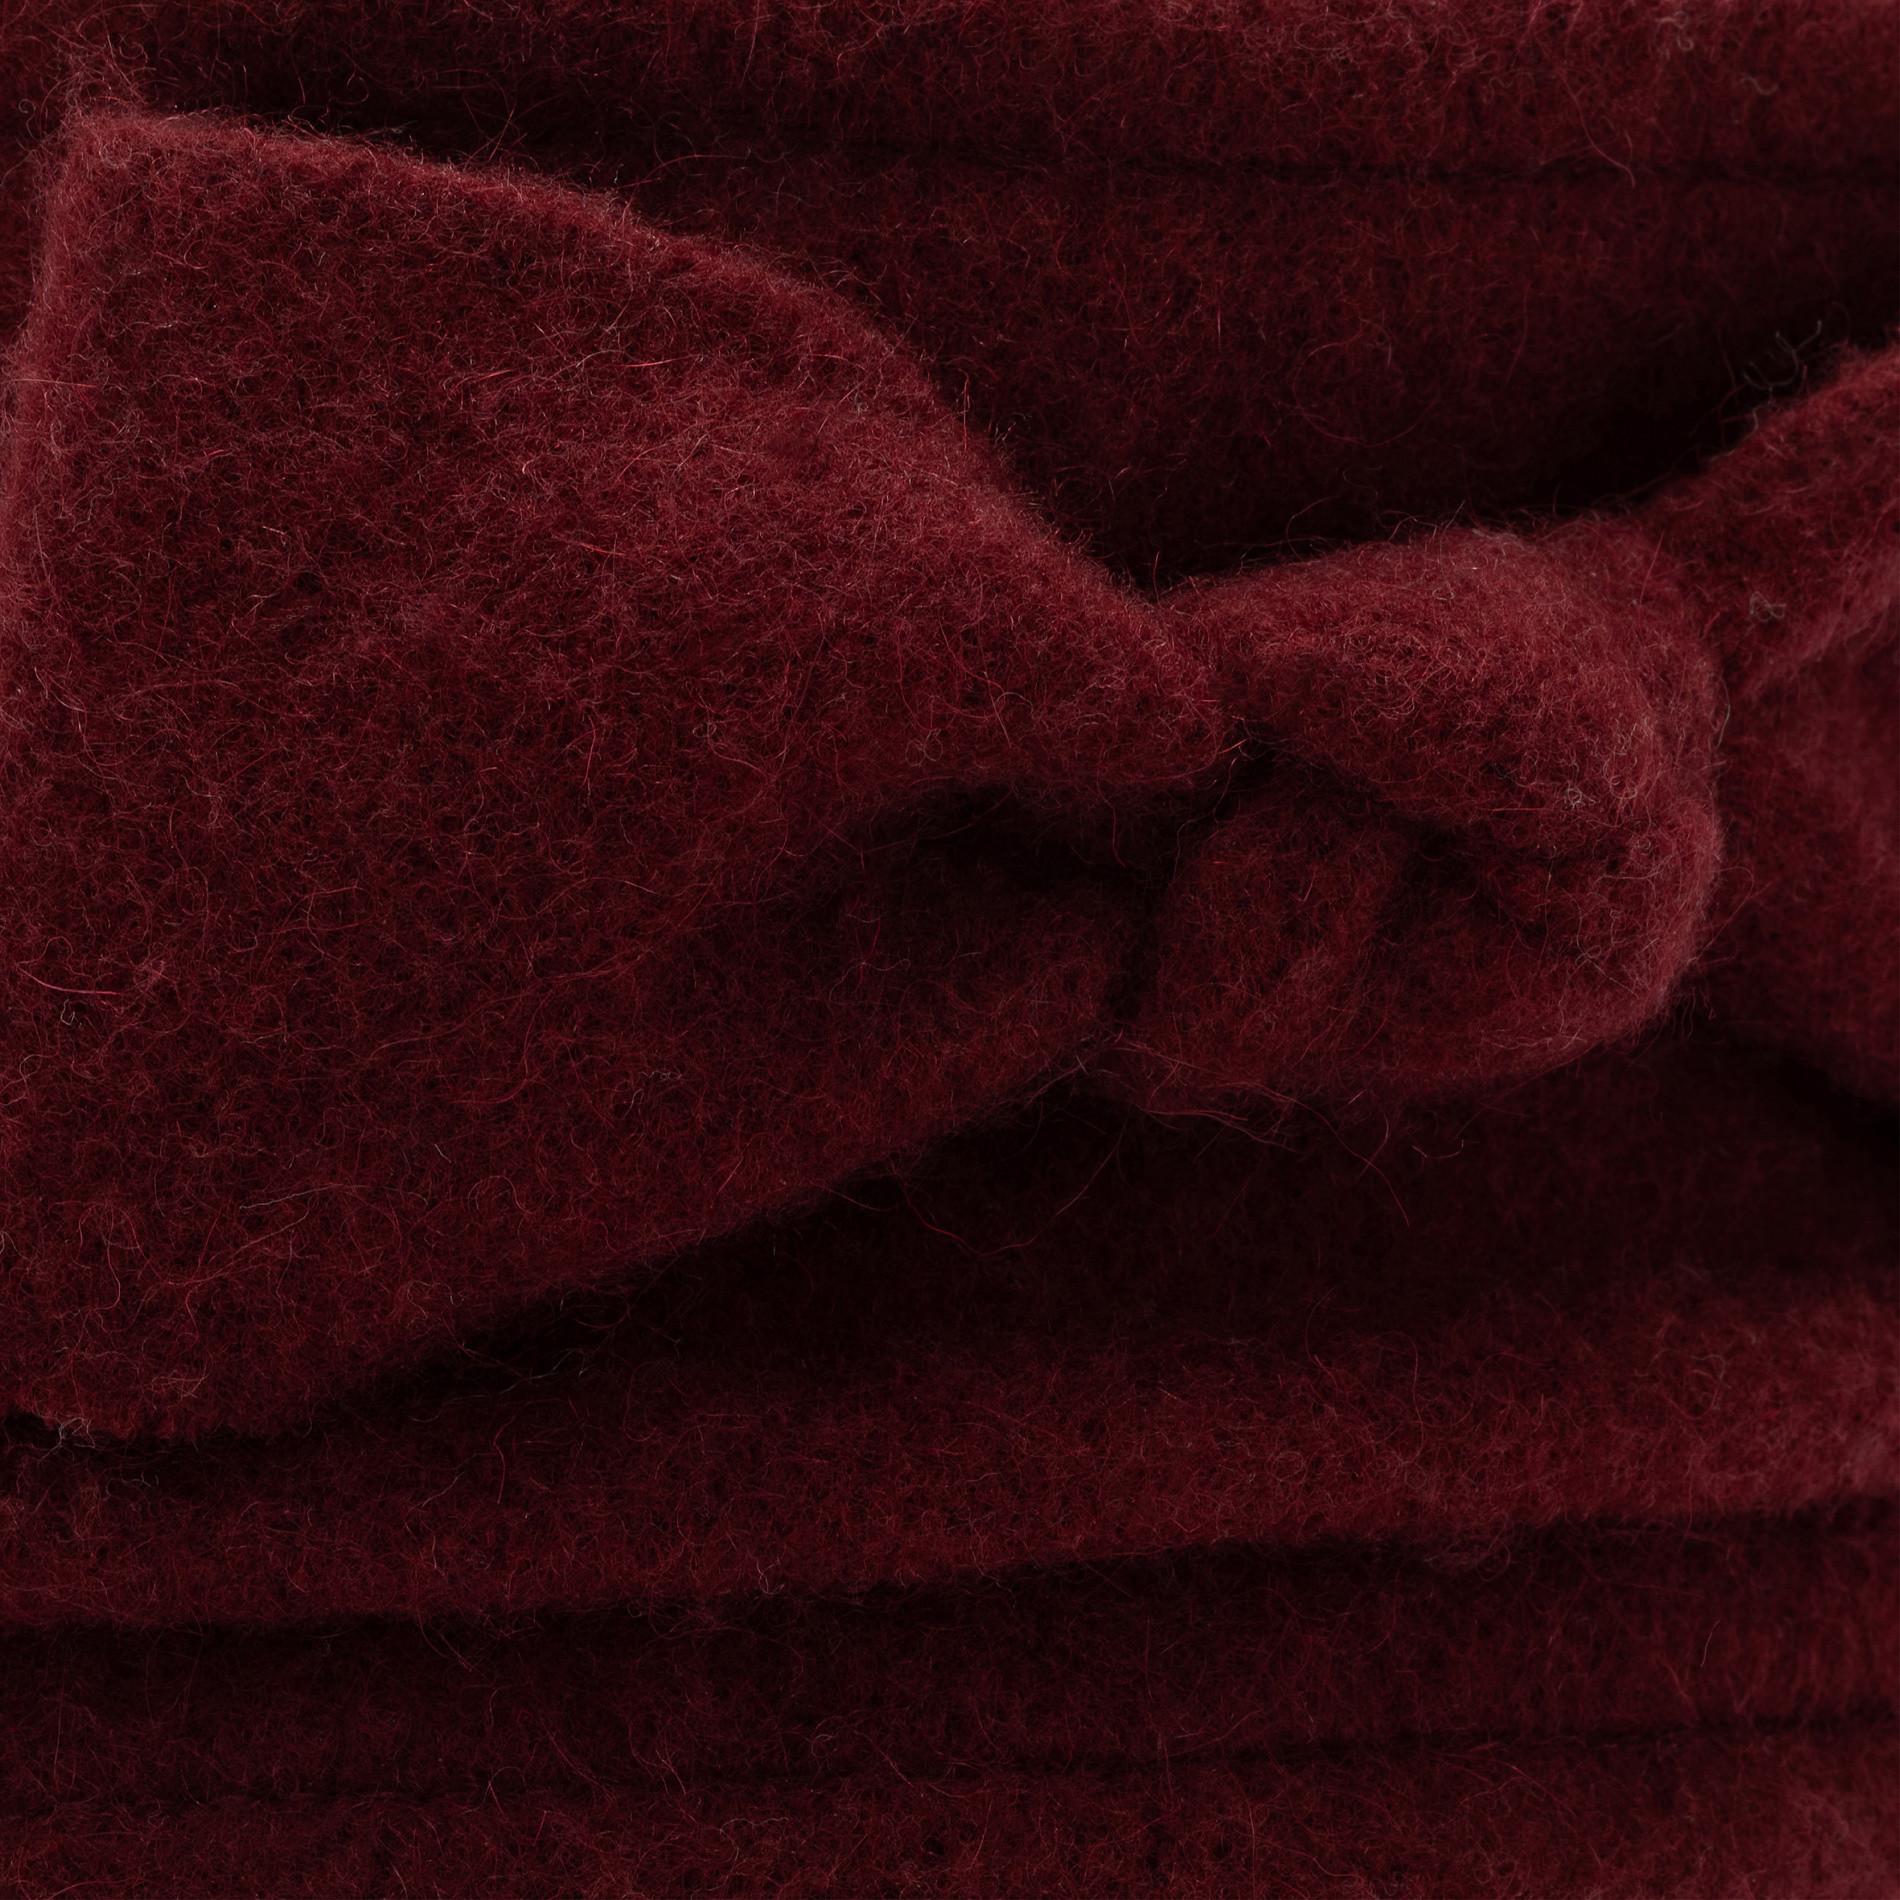 Berretto pura lana con fiocco Koan, Rosso scuro, large image number 1